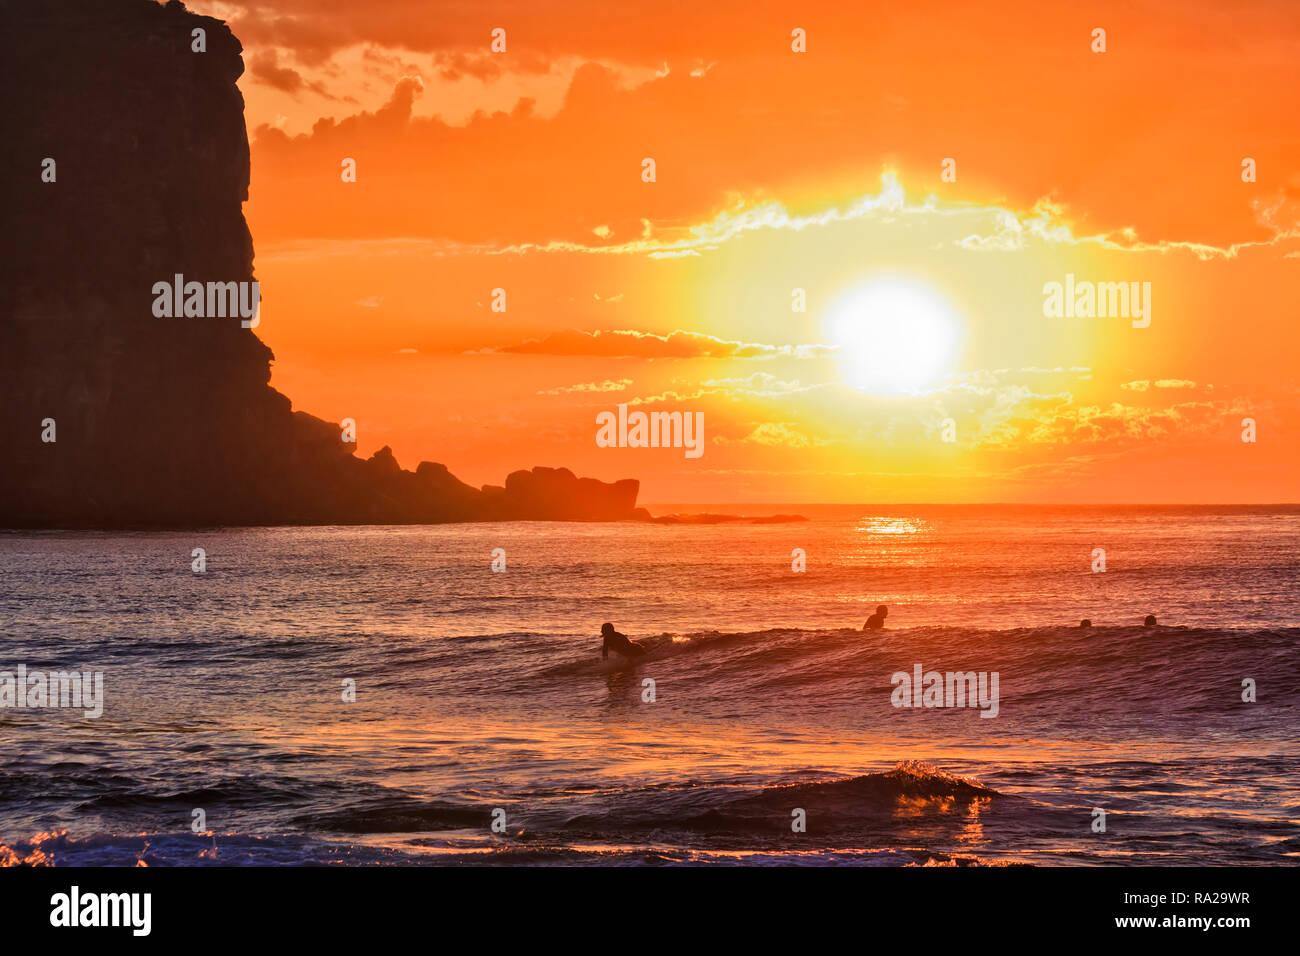 Sangriento sol naranja sobre el horizonte del mar inundaciones olas de windsurfistas off Avalon playa en Australia Sydney Norte de playas en la costa del Pacífico. Imagen De Stock